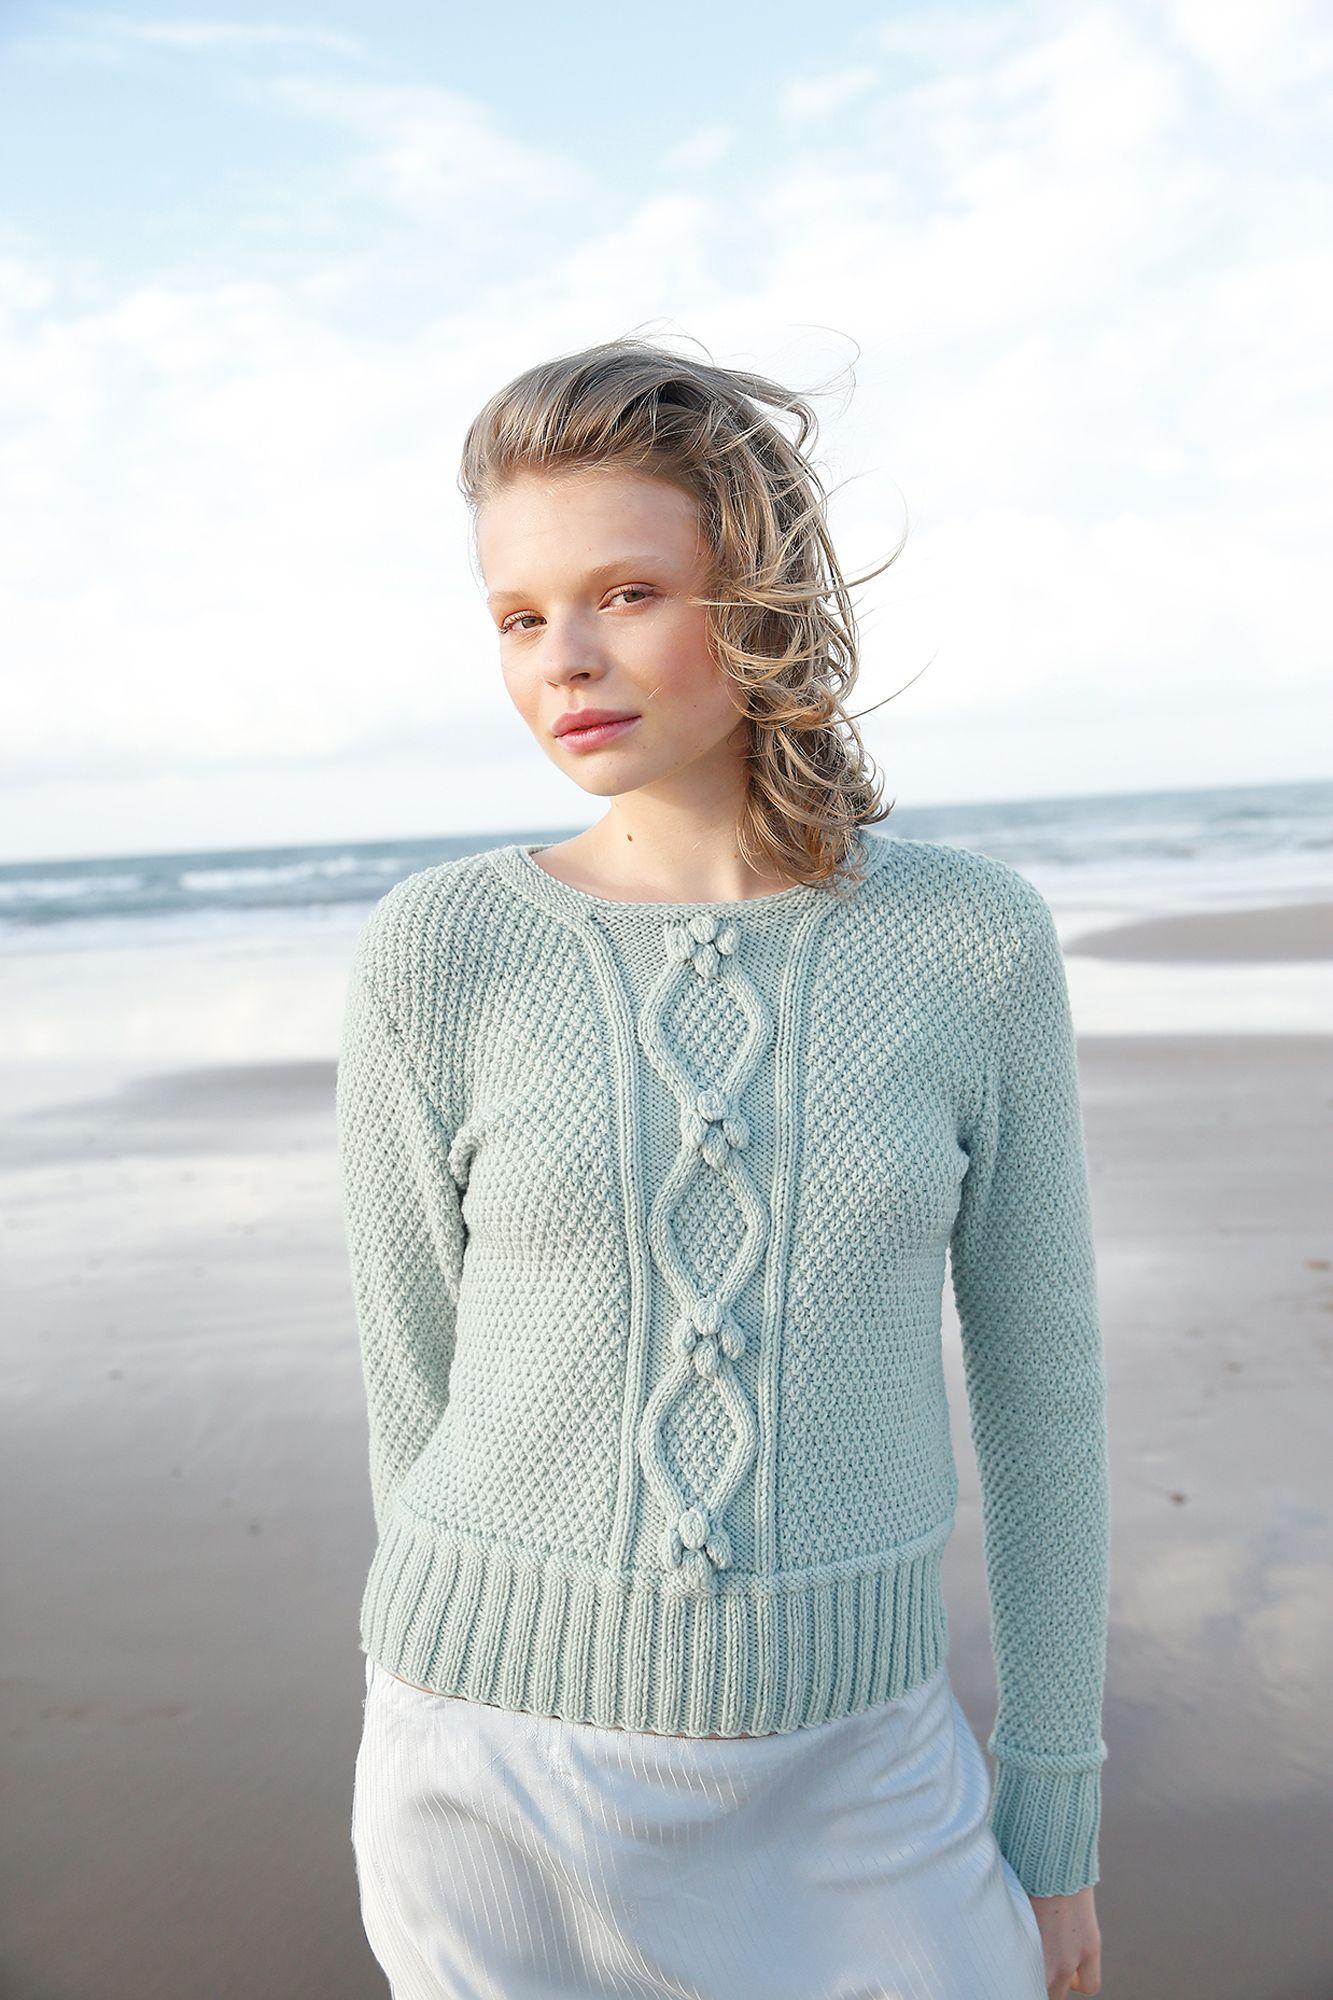 Pulllover Mit Rhomben Knit Fashion Für Den Frühling Rebecca